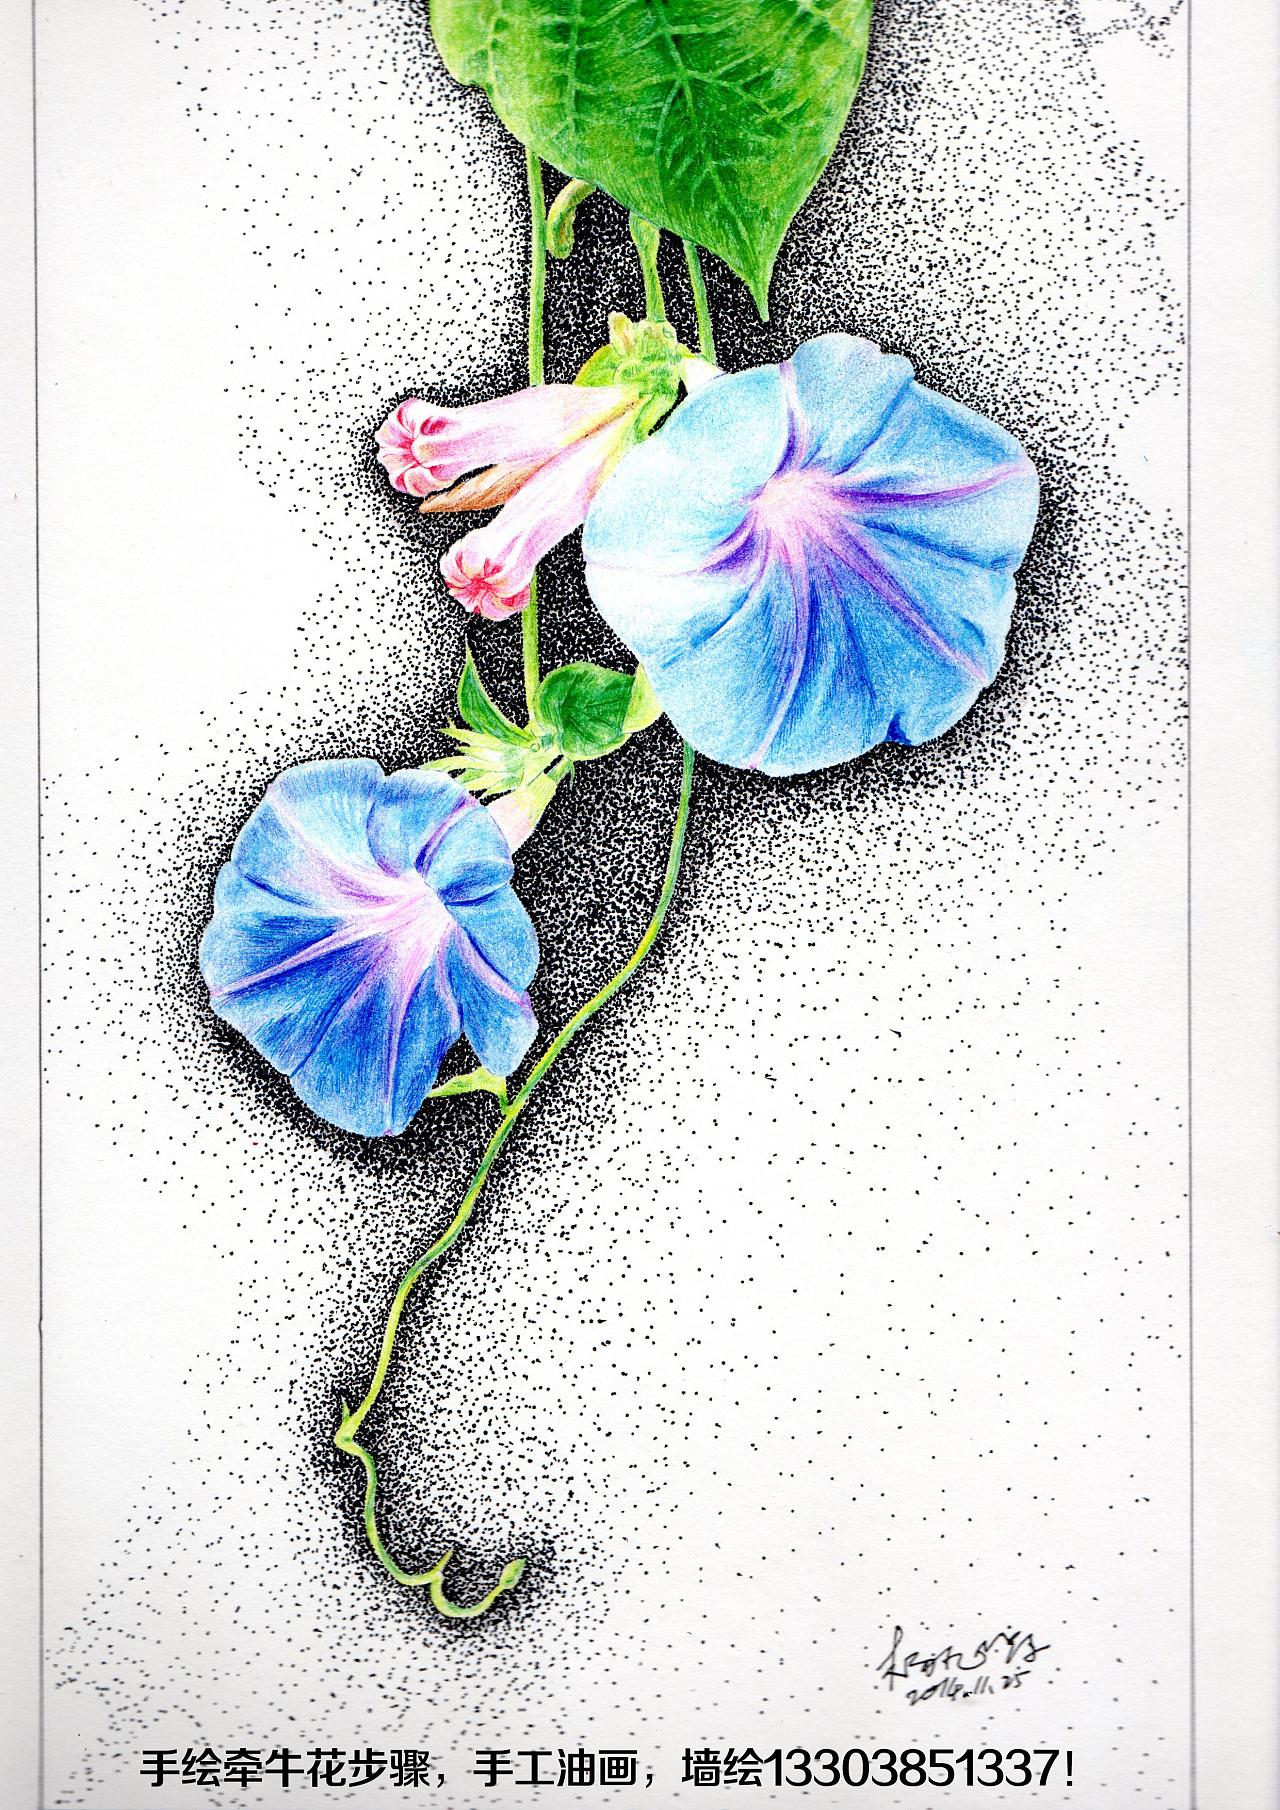 手绘牵牛花步骤 纯艺术 彩铅 简一 - 原创作品 - 站酷